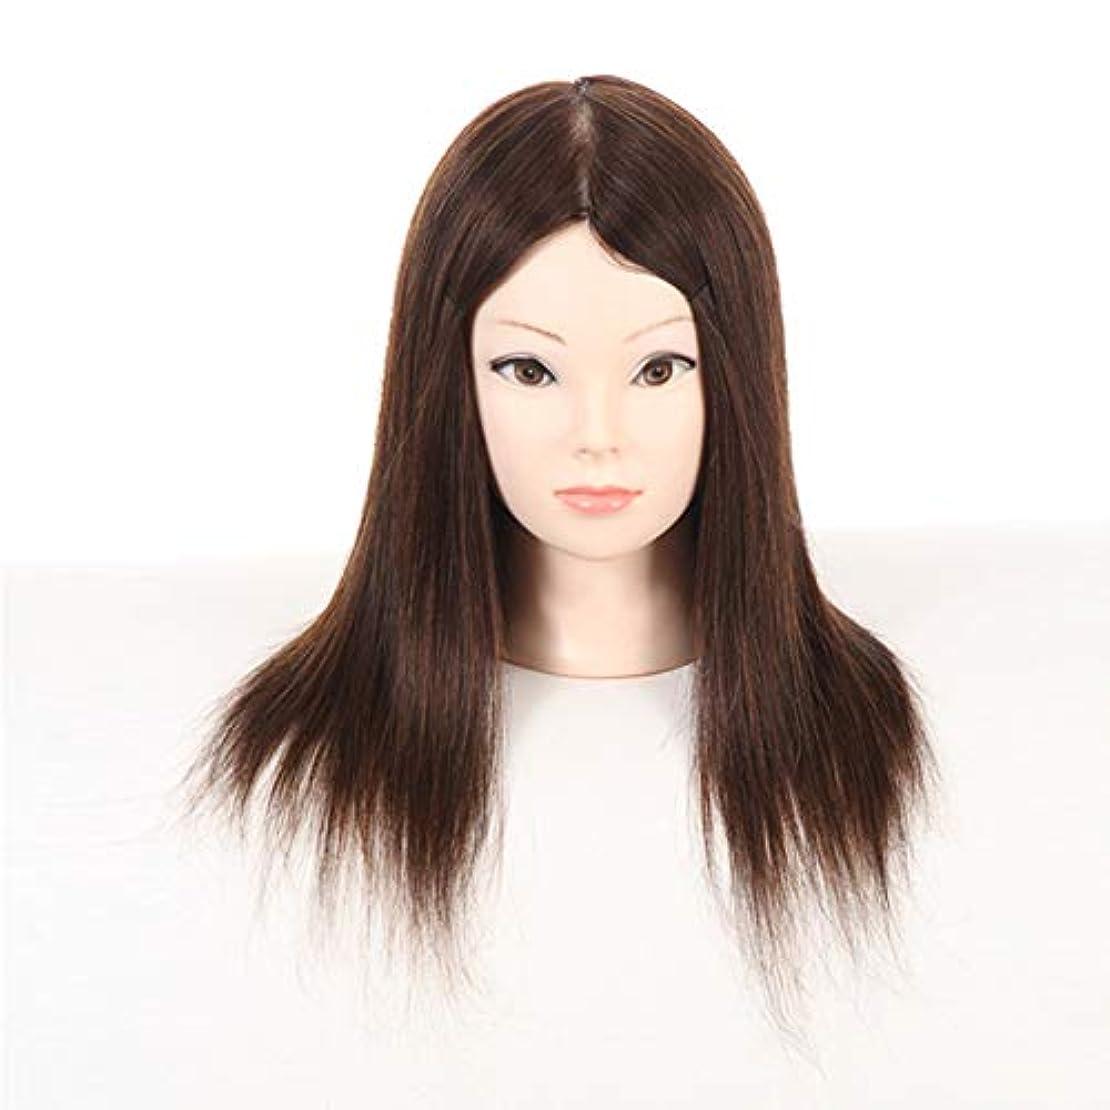 メカニック毎年占める本物の髪髪編組髪ヘアホット染料ヘッド型サロンモデリングウィッグエクササイズヘッド散髪学習ダミーヘッド